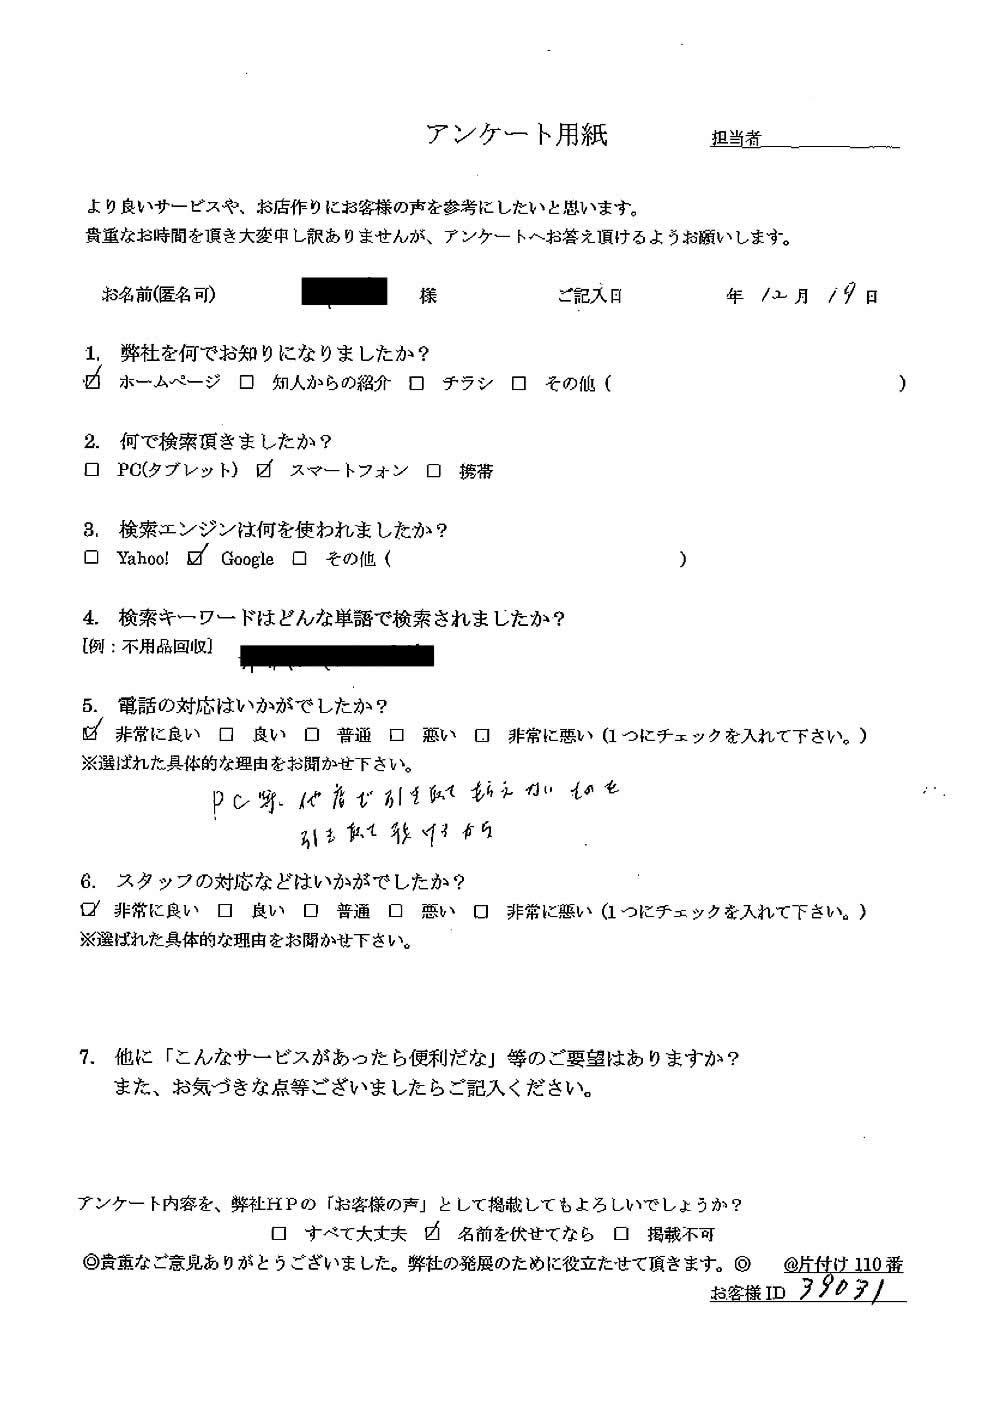 【田上町】パソコンや金庫の回収☆スムーズに回収できお喜びいただけました!